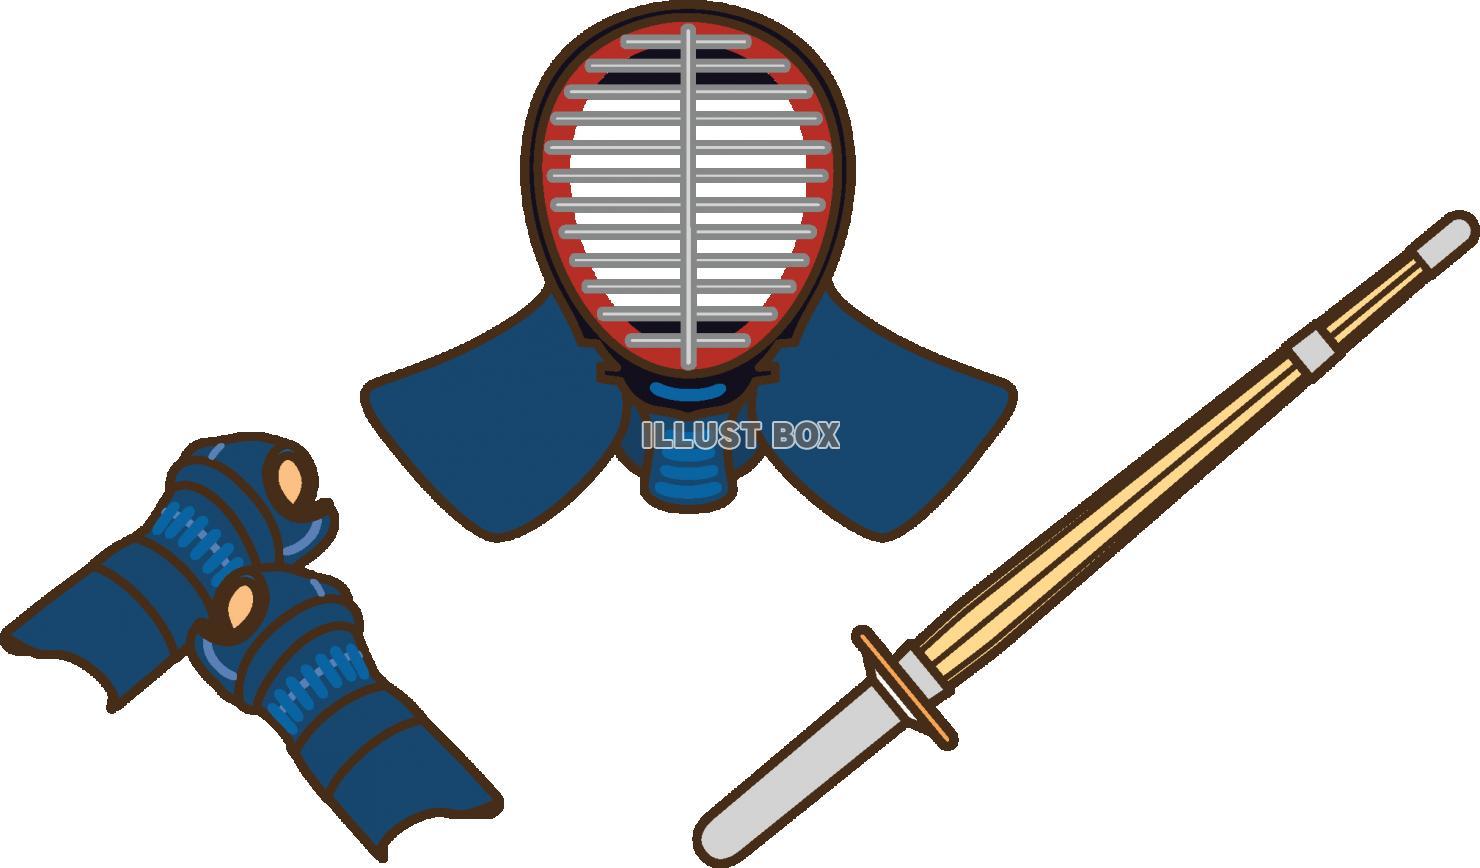 無料イラスト 剣道の防具のイラスト